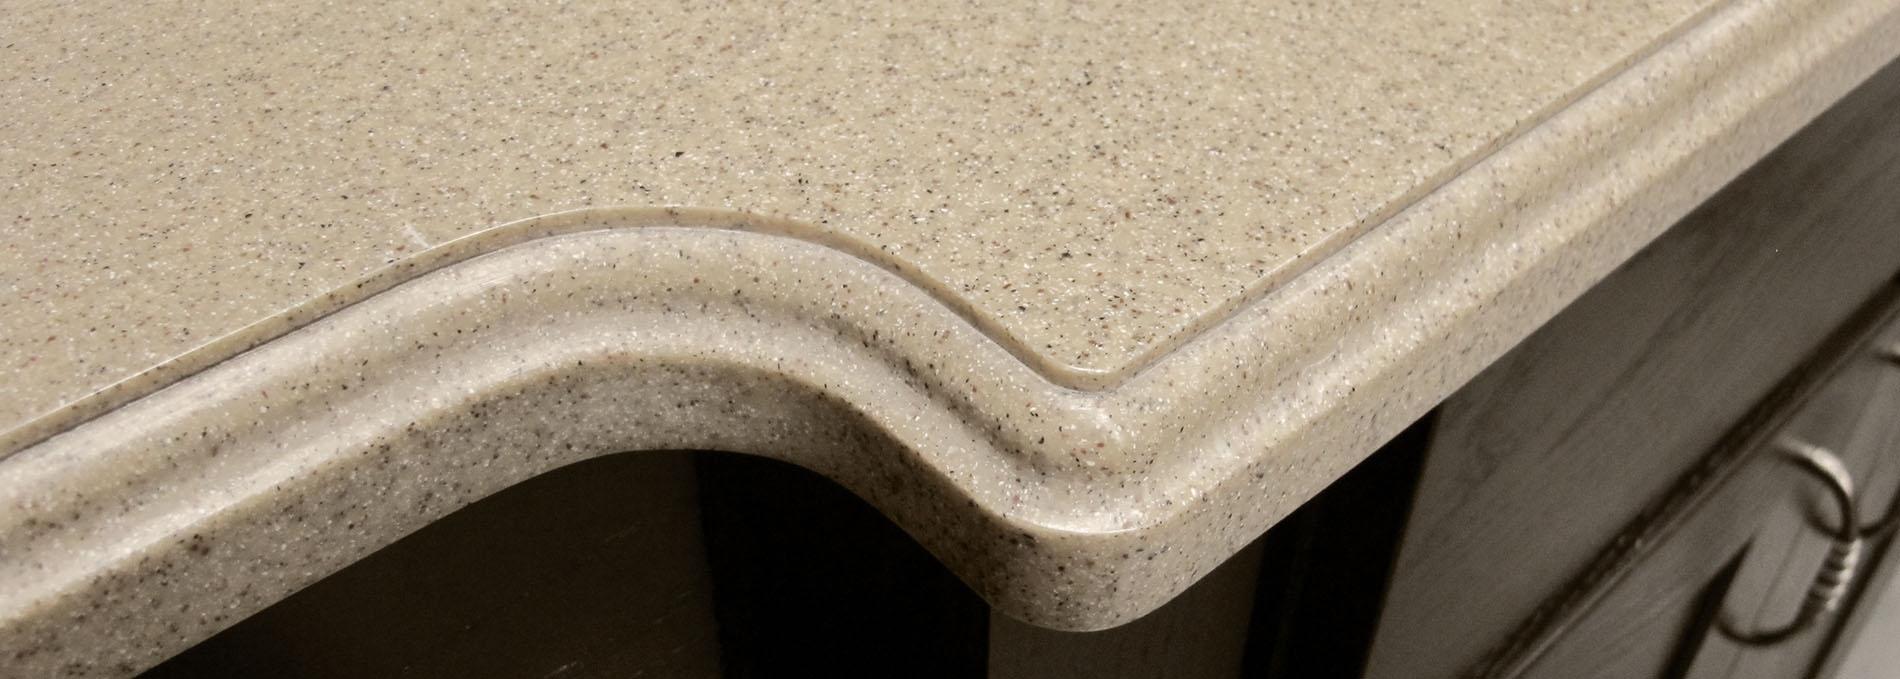 Фрезерная резка искусственного камня   фото 3